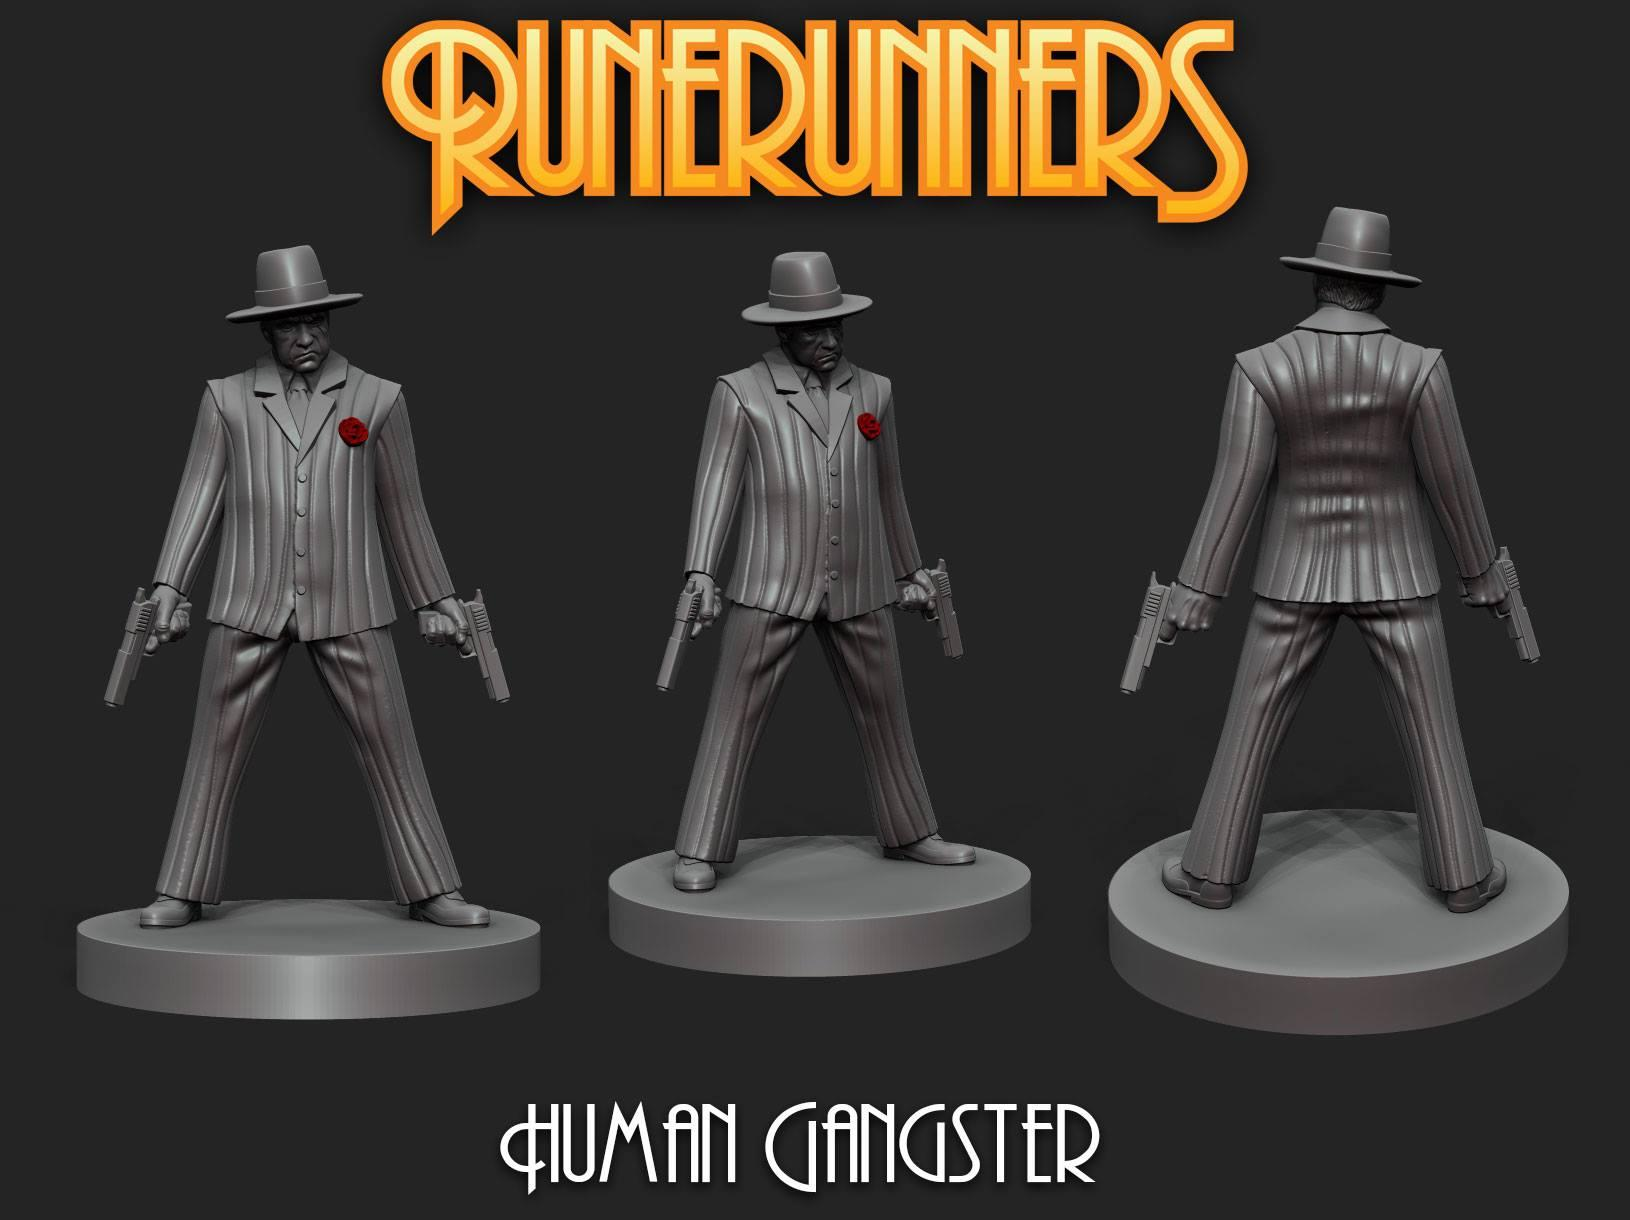 Runerunners Human Gangser